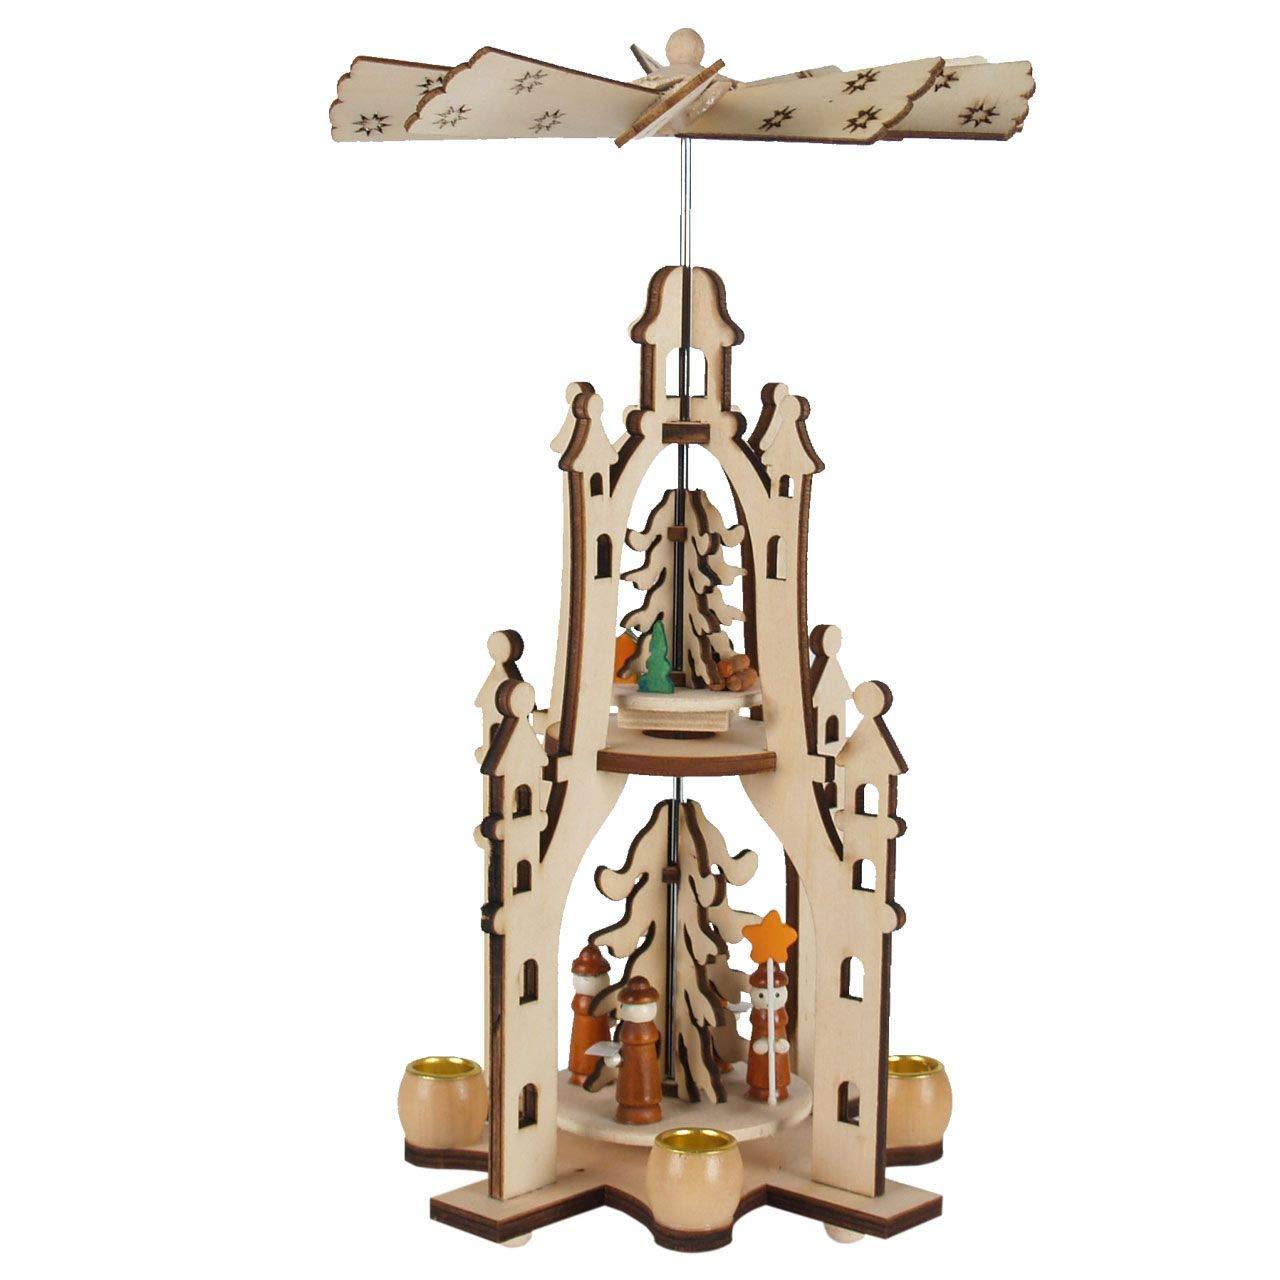 OBC OBC OBC Weihnachtspyramide Engel  , LED Beleuchtung und Kerzen Pyramide Weihnachten   2 Etagen im Erzgebirge Stil, handgefertigt Deko zu Weihnachten 8debeb